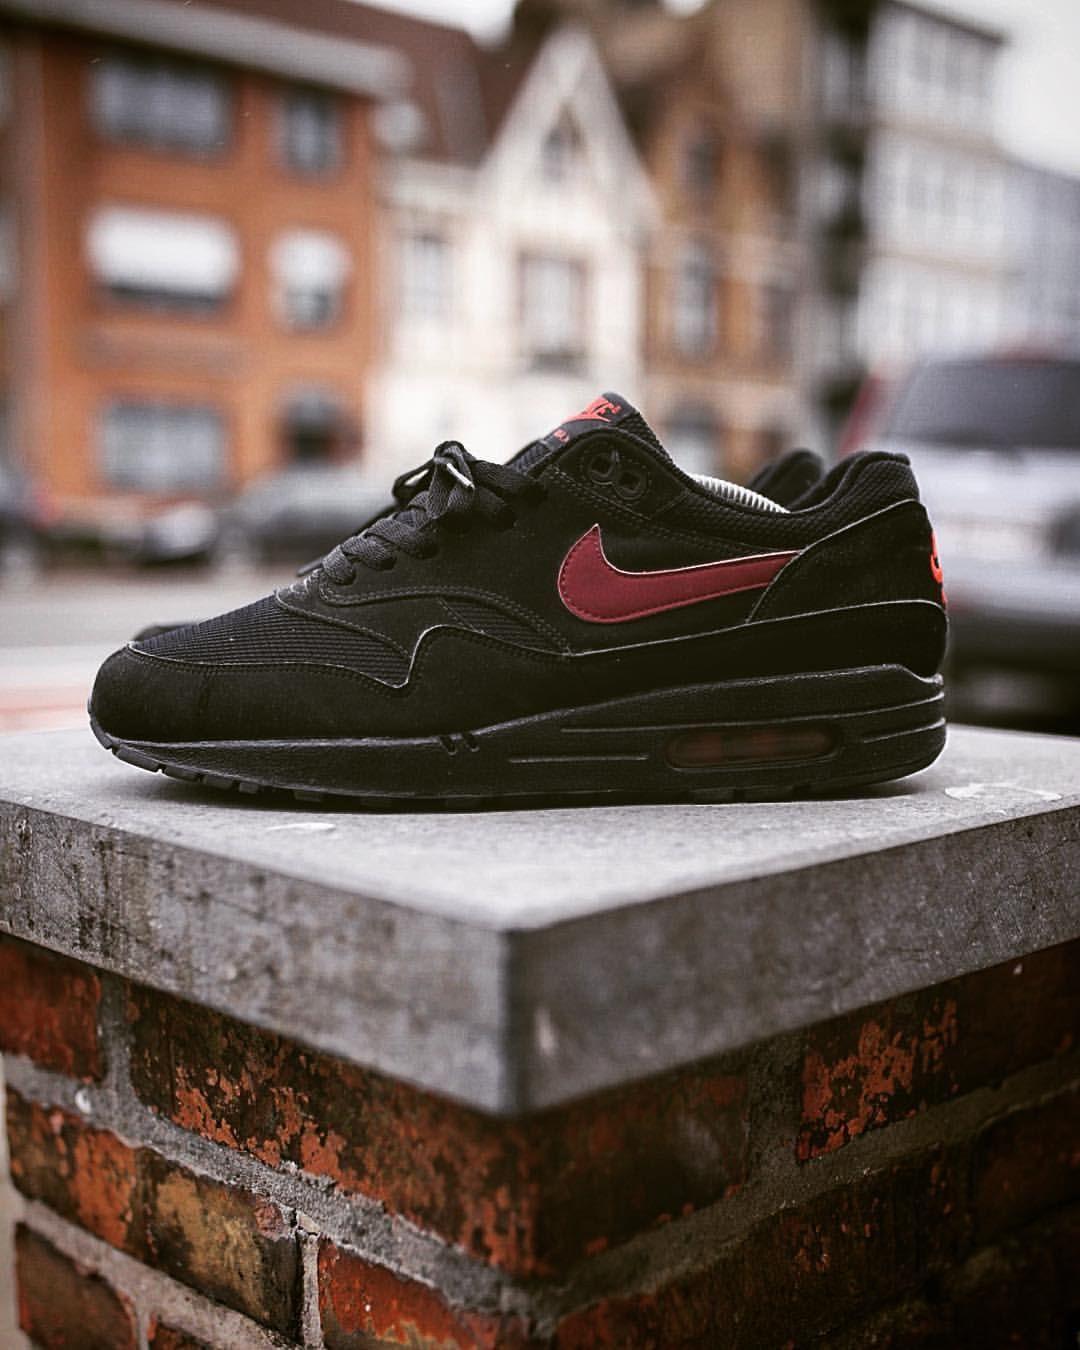 c5e4f57858ac3 Nike Air Max 1